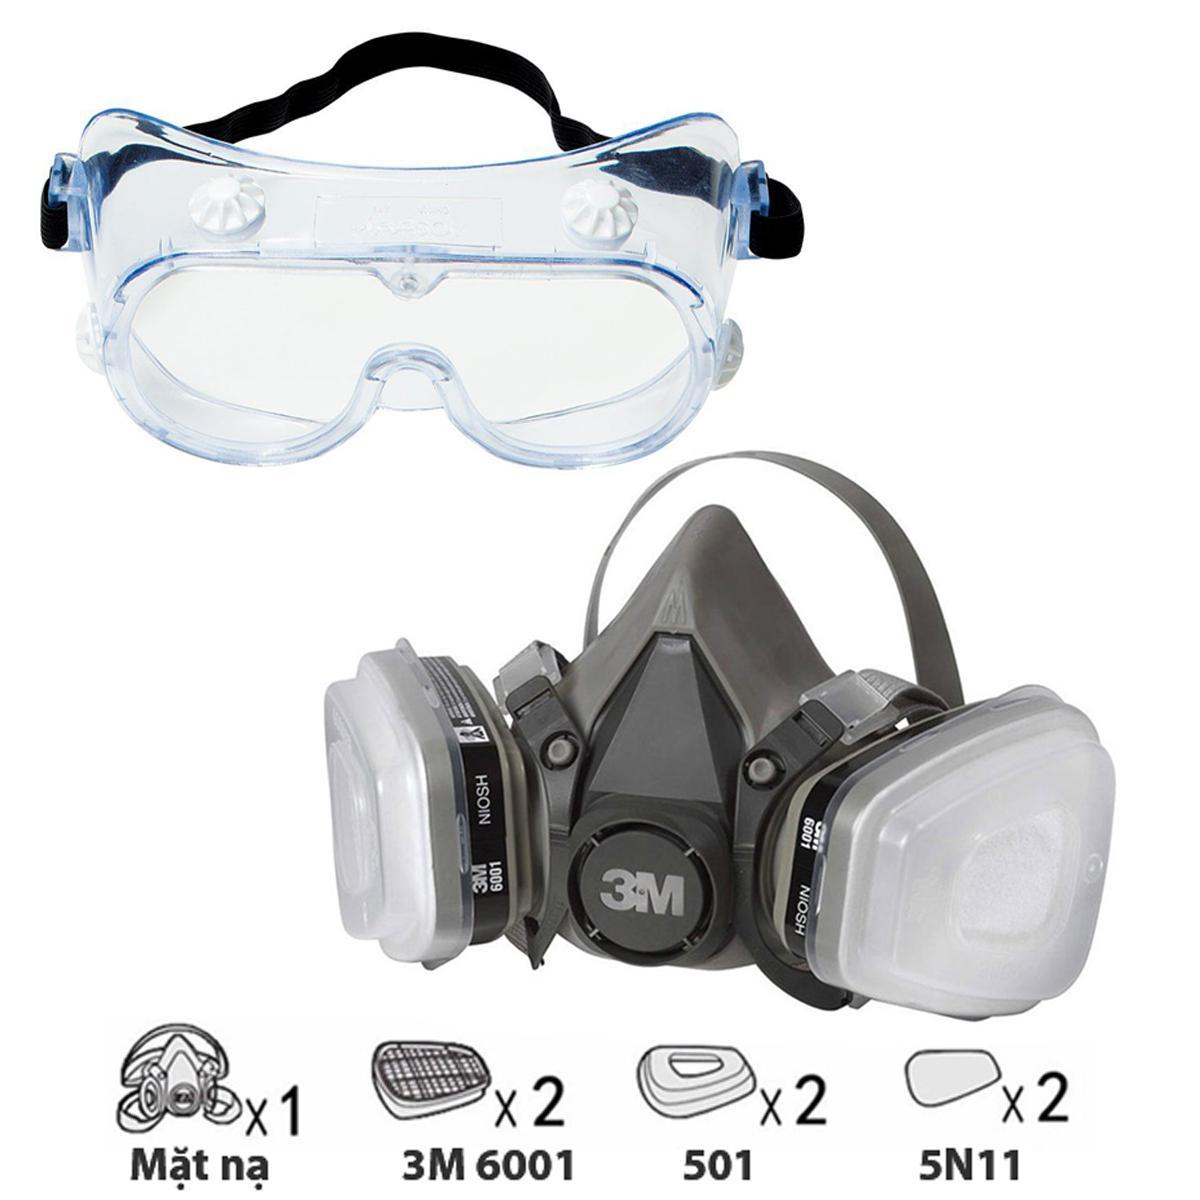 Bộ mặt nạ phòng độc 3M 6200 + Phin lọc 3M 6001CN kèm Kính 3M 334 chống hóa chất, phun sơn, Phun thuốc sâu  Mặt nạ chống độc  Mặt nạ phòng độc nửa mặt